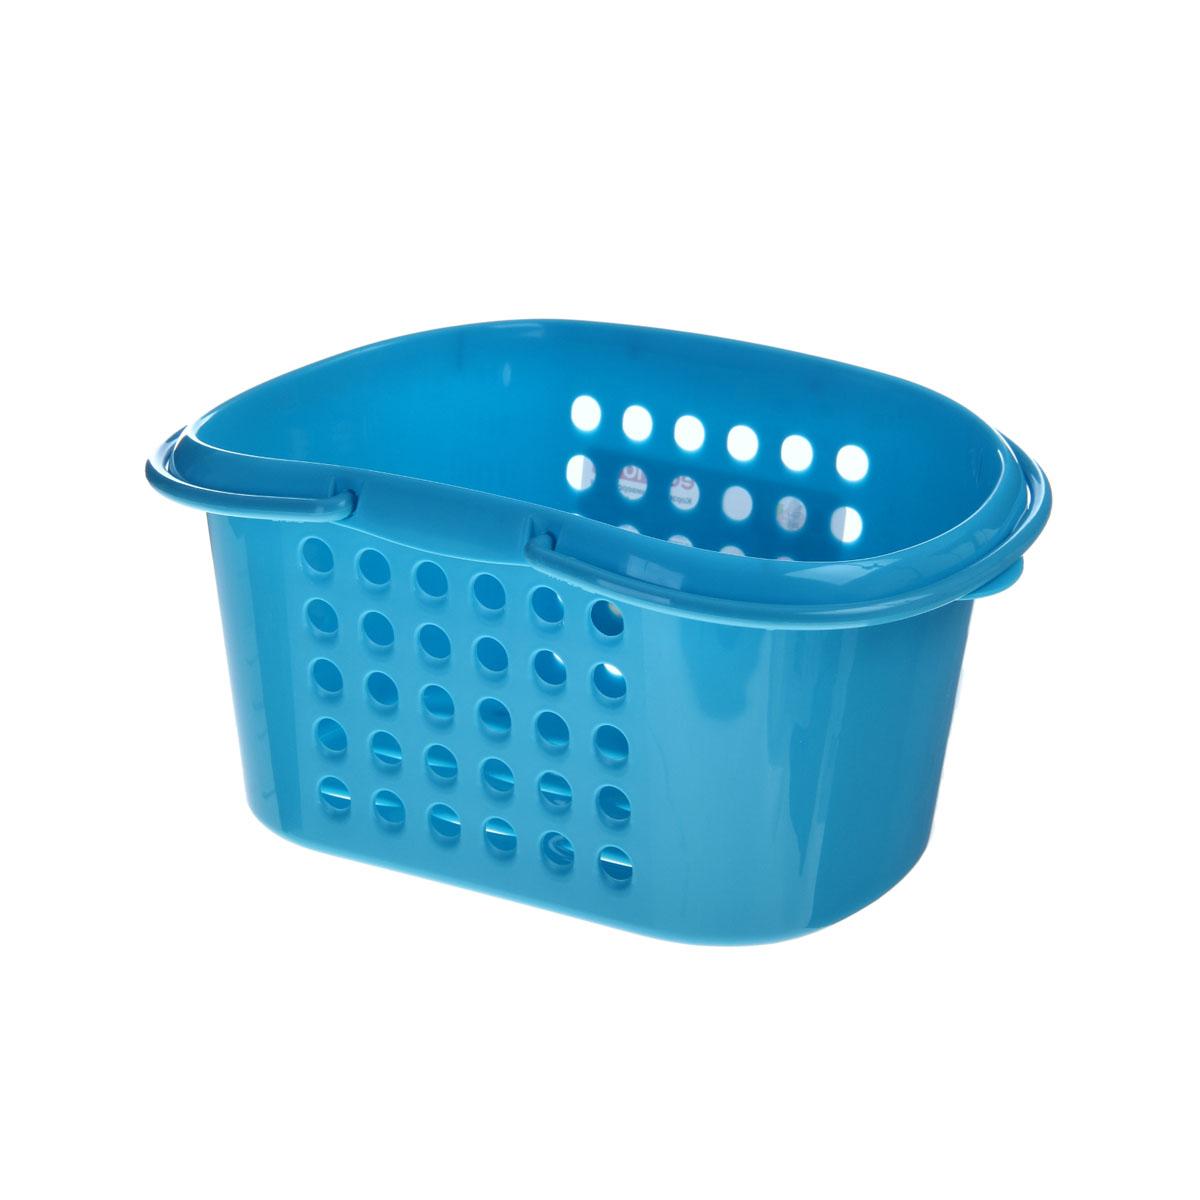 """Универсальная корзинка """"Бытпласт"""" изготовлена из высококачественного пластика и предназначена для хранения и транспортировки вещей. Корзинка подойдет как для пищевых продуктов, так и для ванных принадлежностей и различных мелочей. Изделие оснащено двумя ручками для более удобной транспортировки. Основание и стенки корзинки оформлены перфорацией.  Универсальная корзинка """"Бытпласт"""" позволит вам хранить вещи компактно и с удобством."""